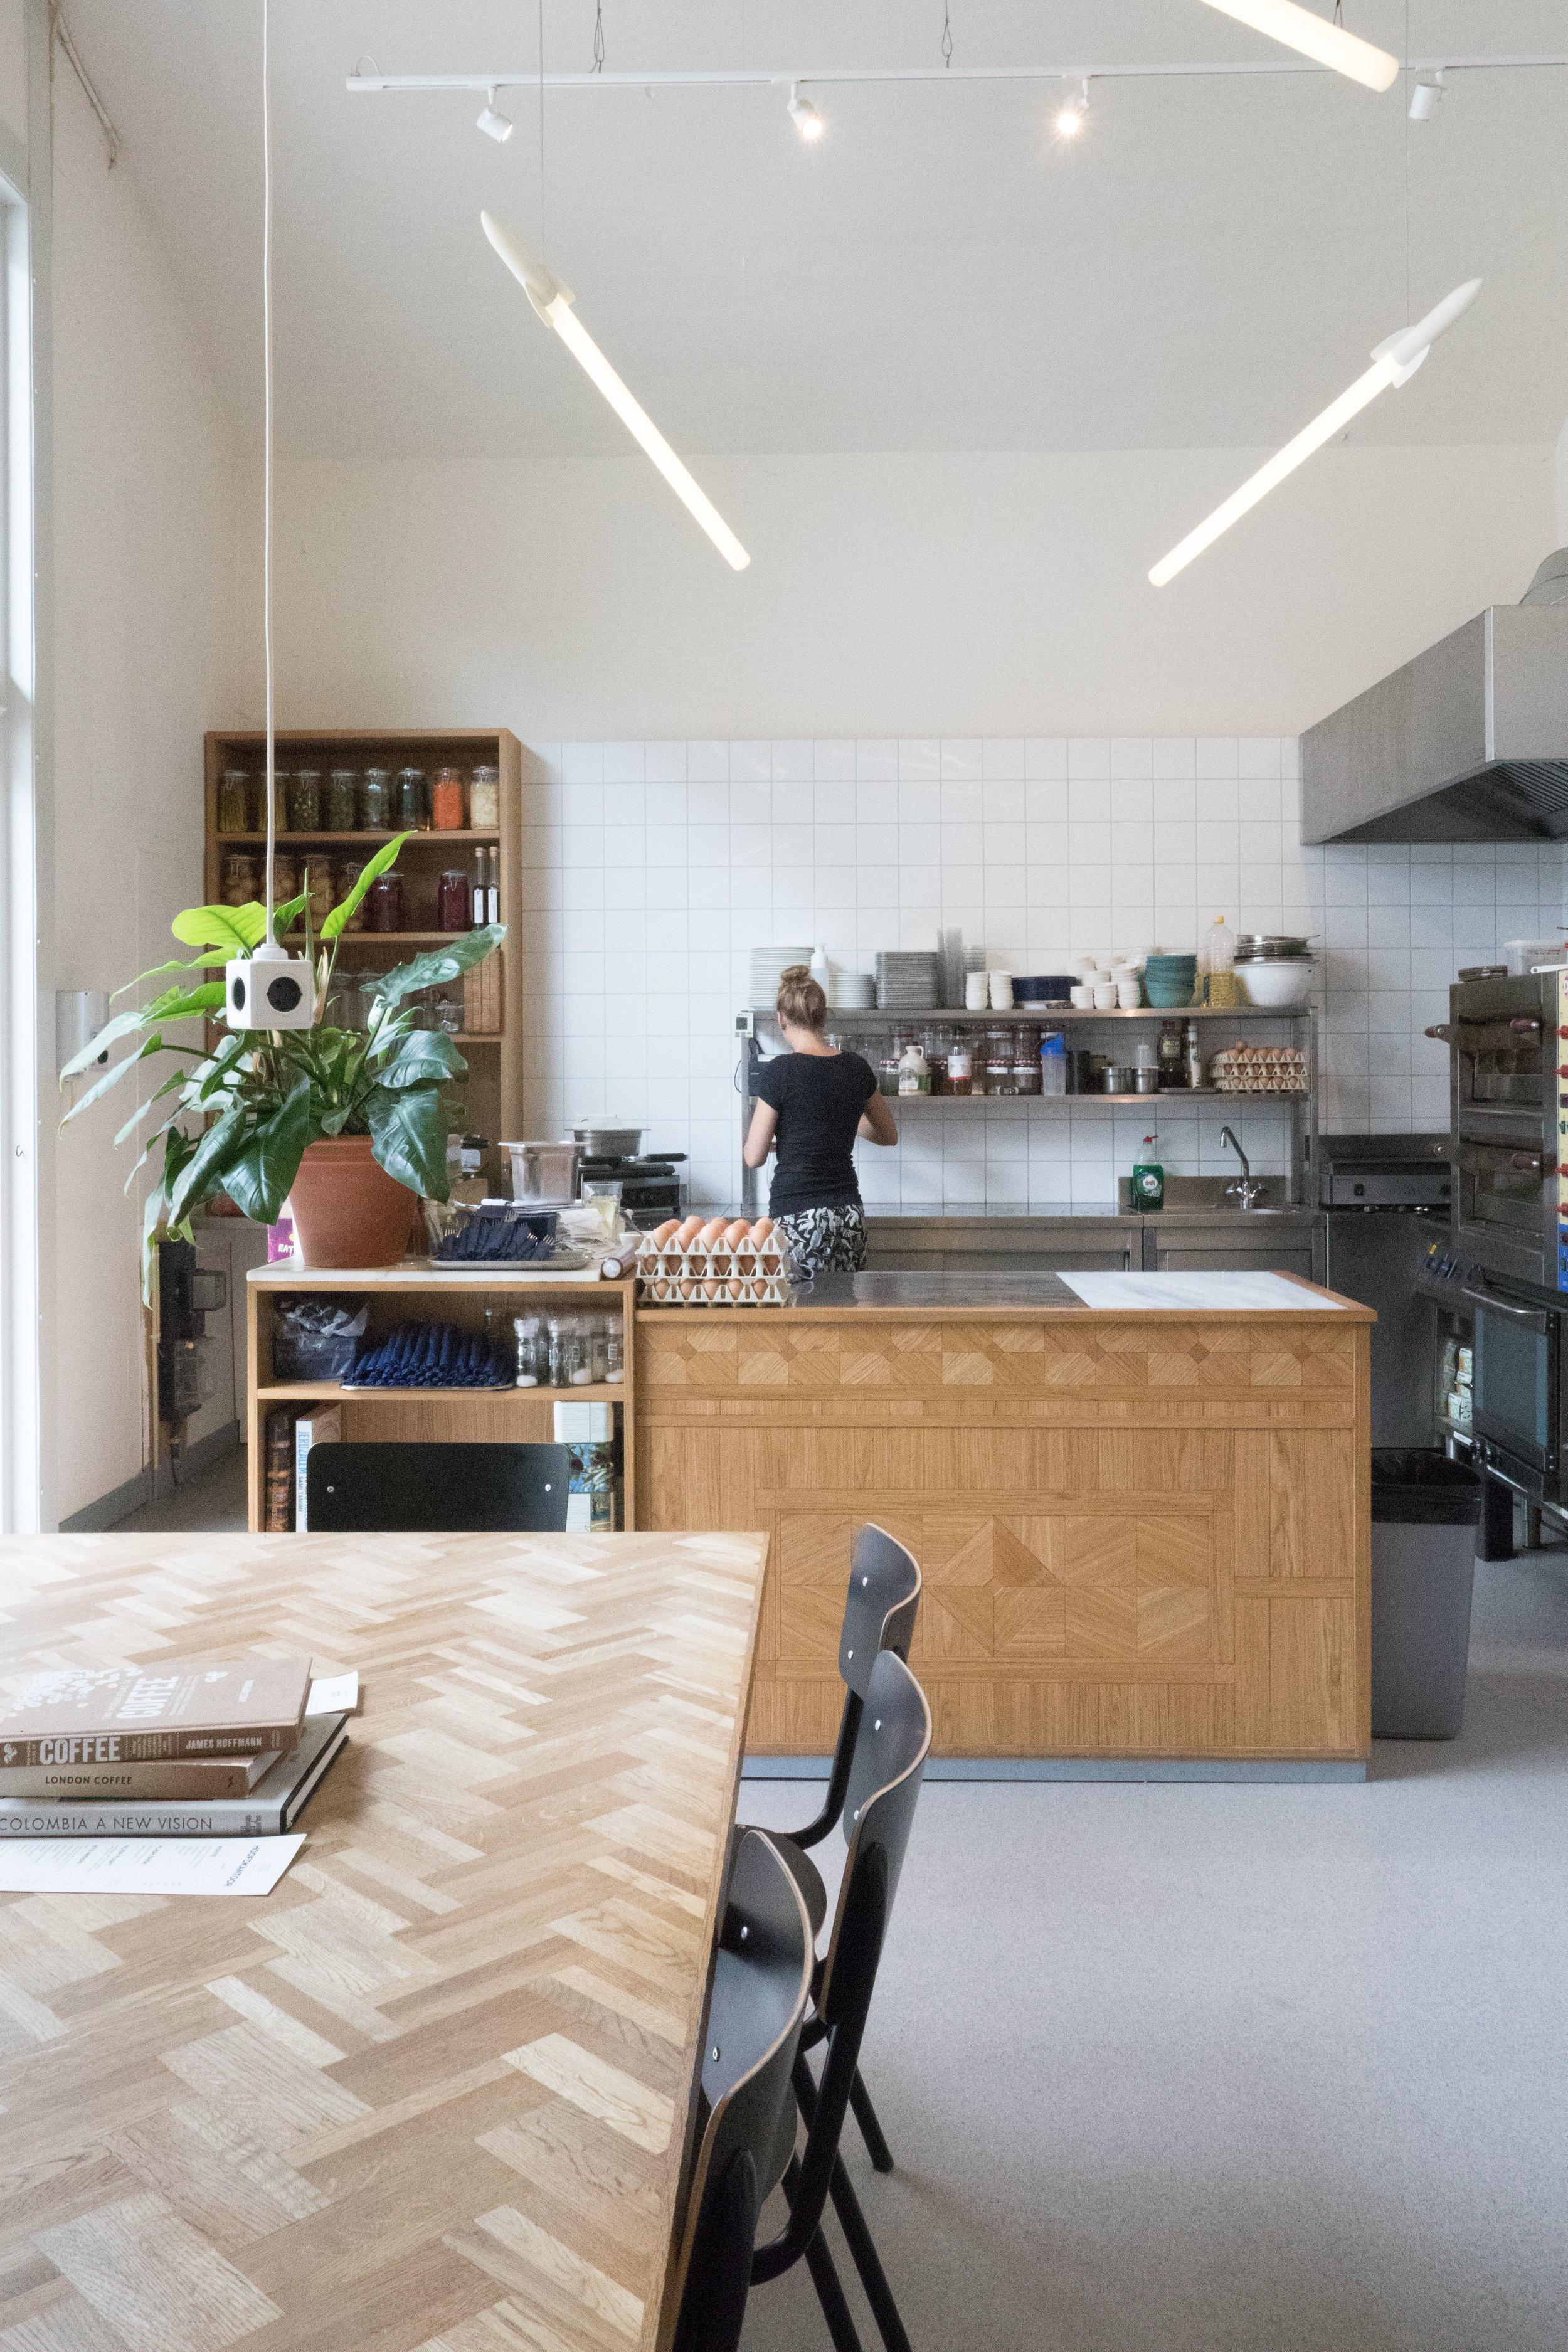 keuken Man met Bril koffie